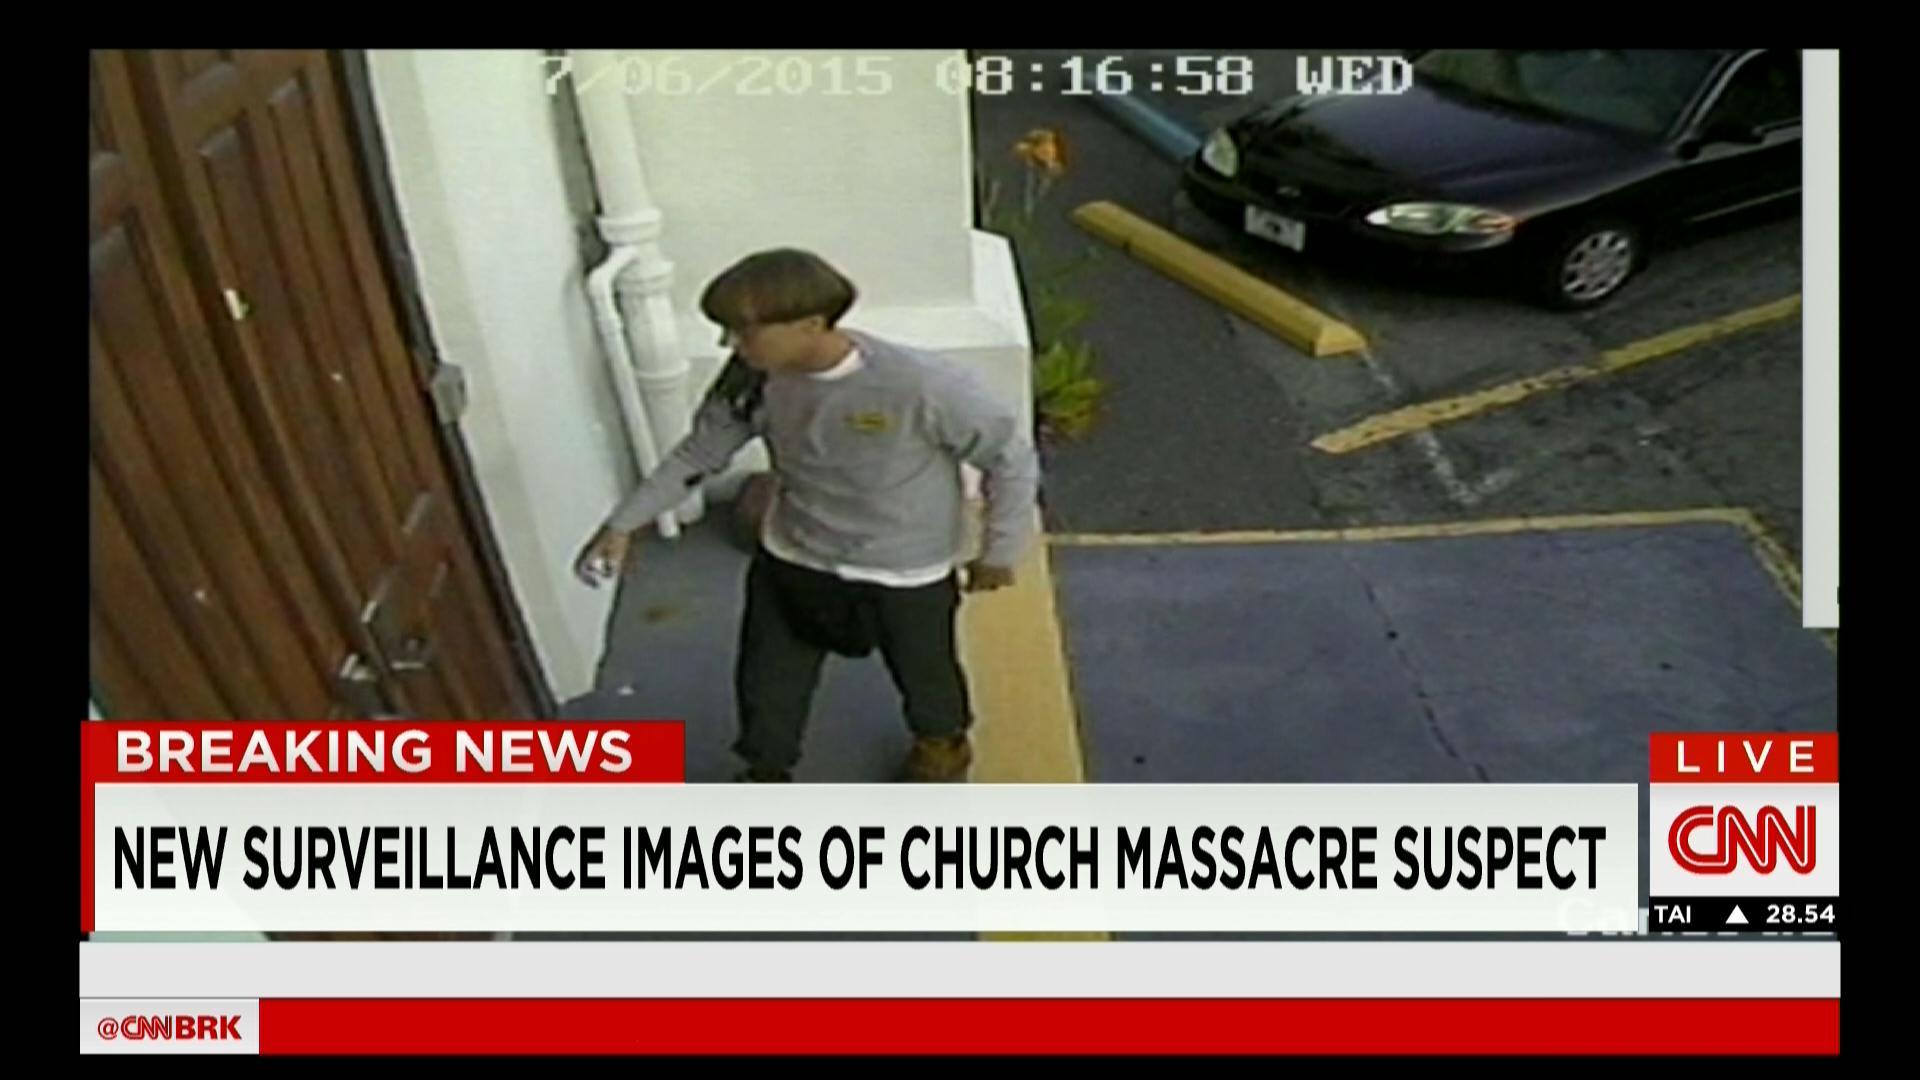 حصريا على CNN: الصور الأولى للمشتبه فيه بقتل 9 مصلين في إطلاق نار على كنيسة للسود بأمريكا